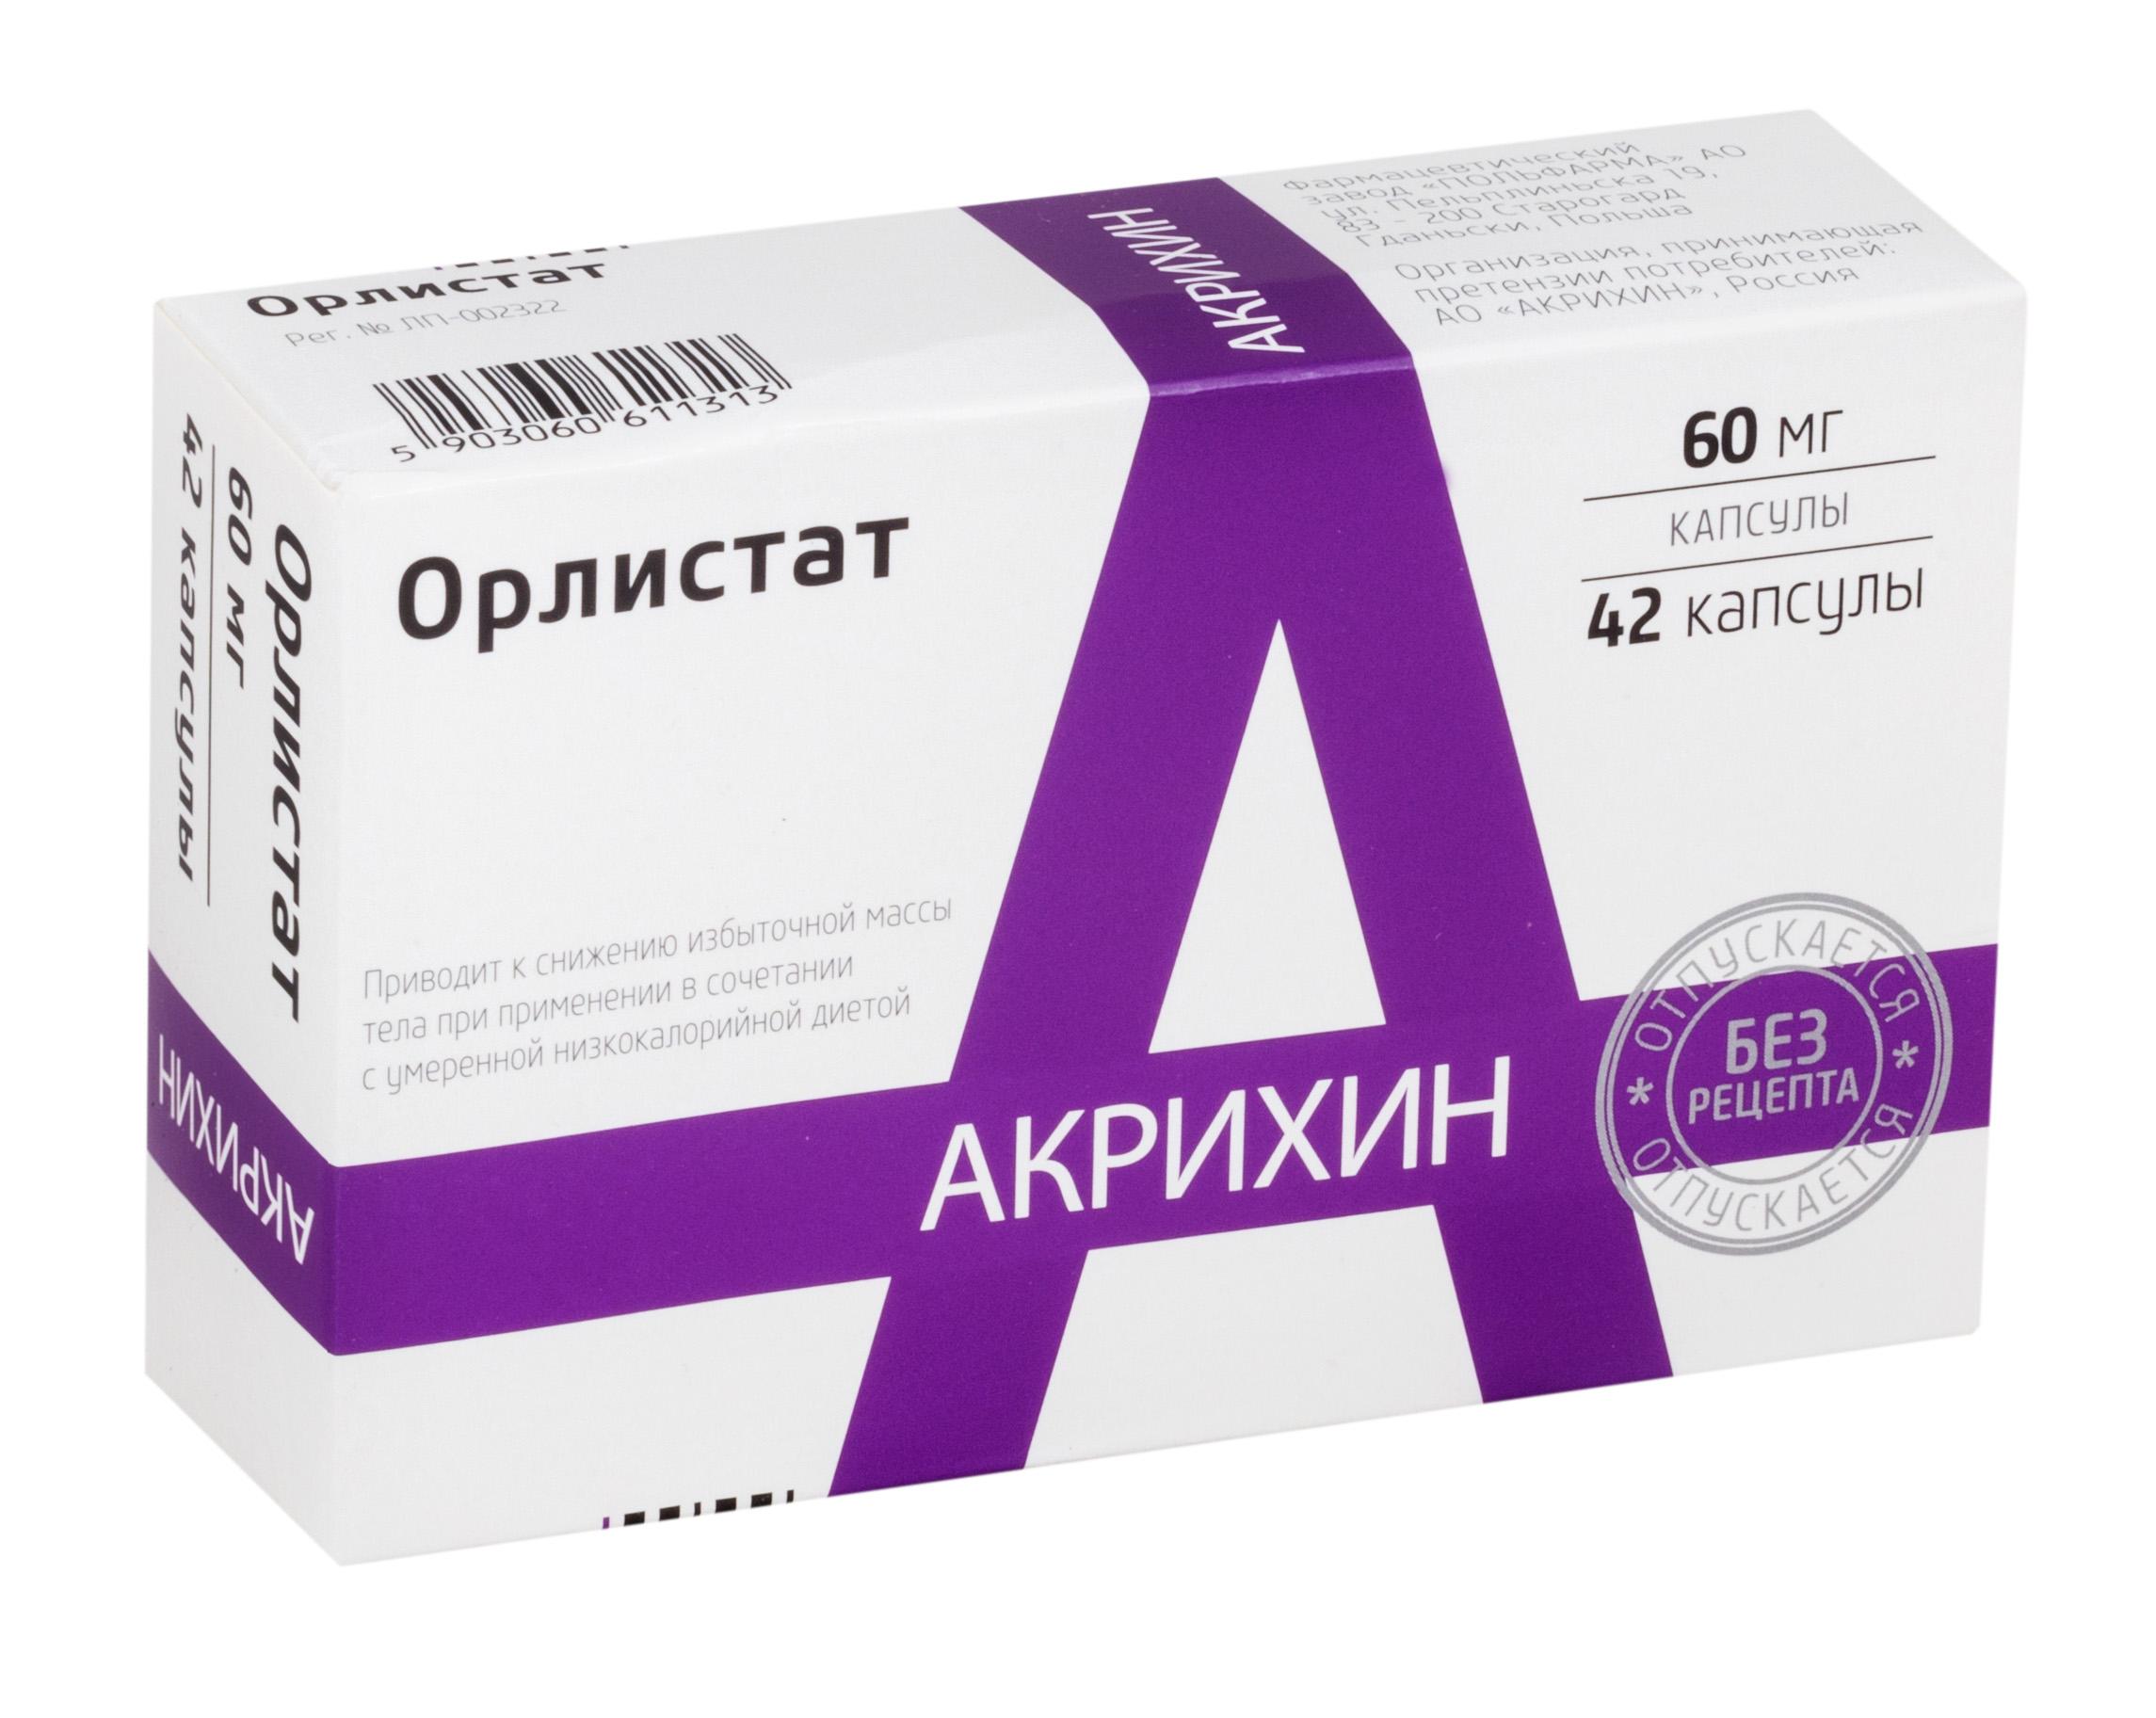 Орлистат капс. 60 мг №42